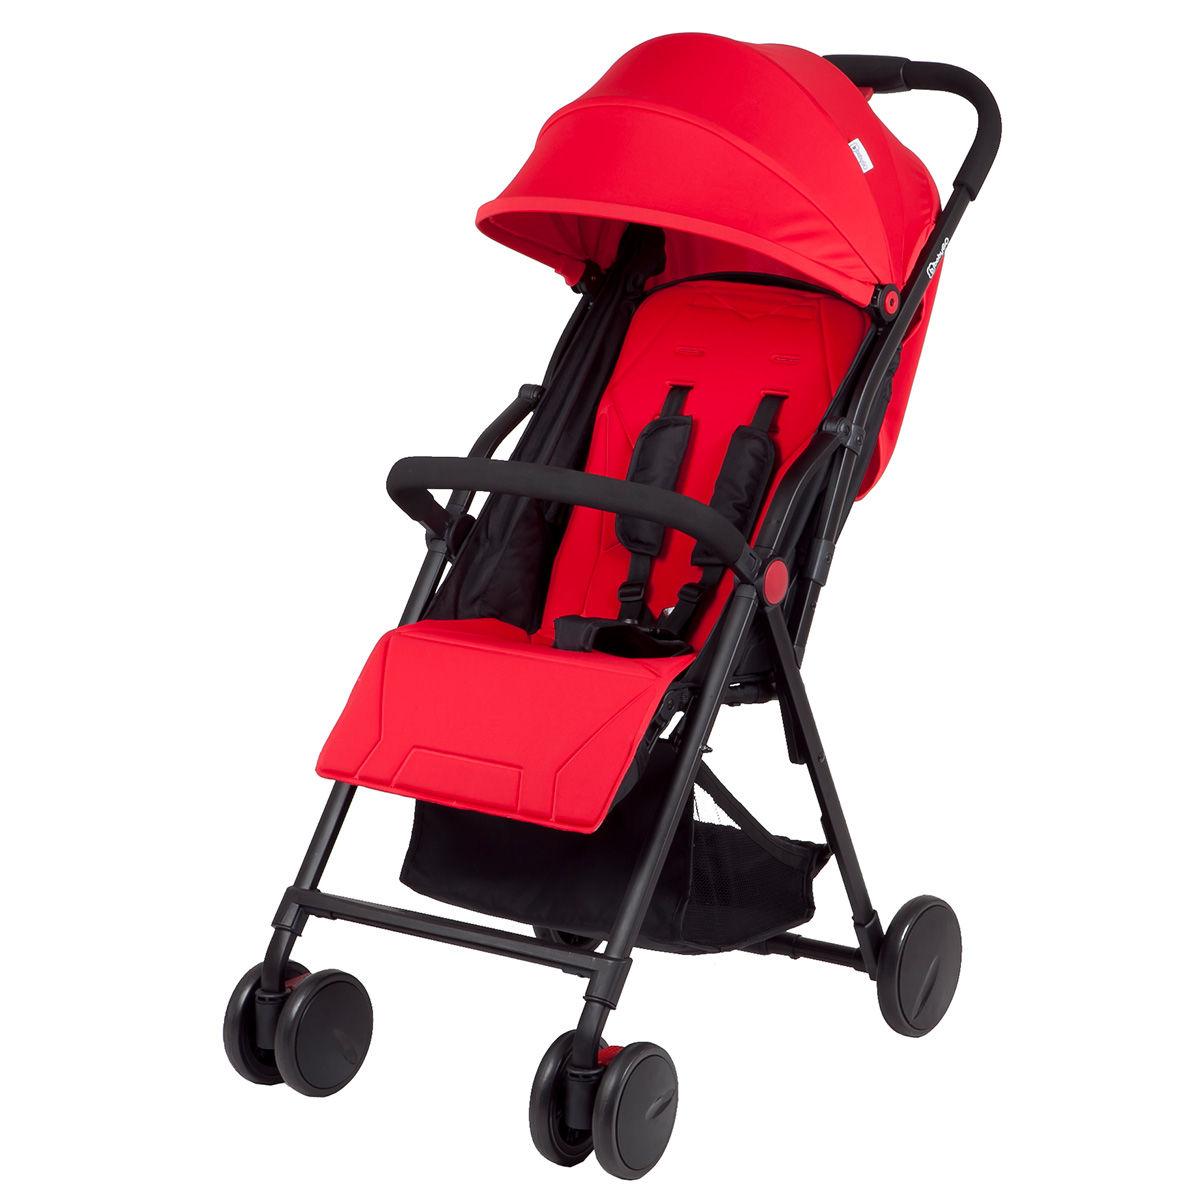 Afbeelding van BabyGO Air Rood Multi standen wandelwagen